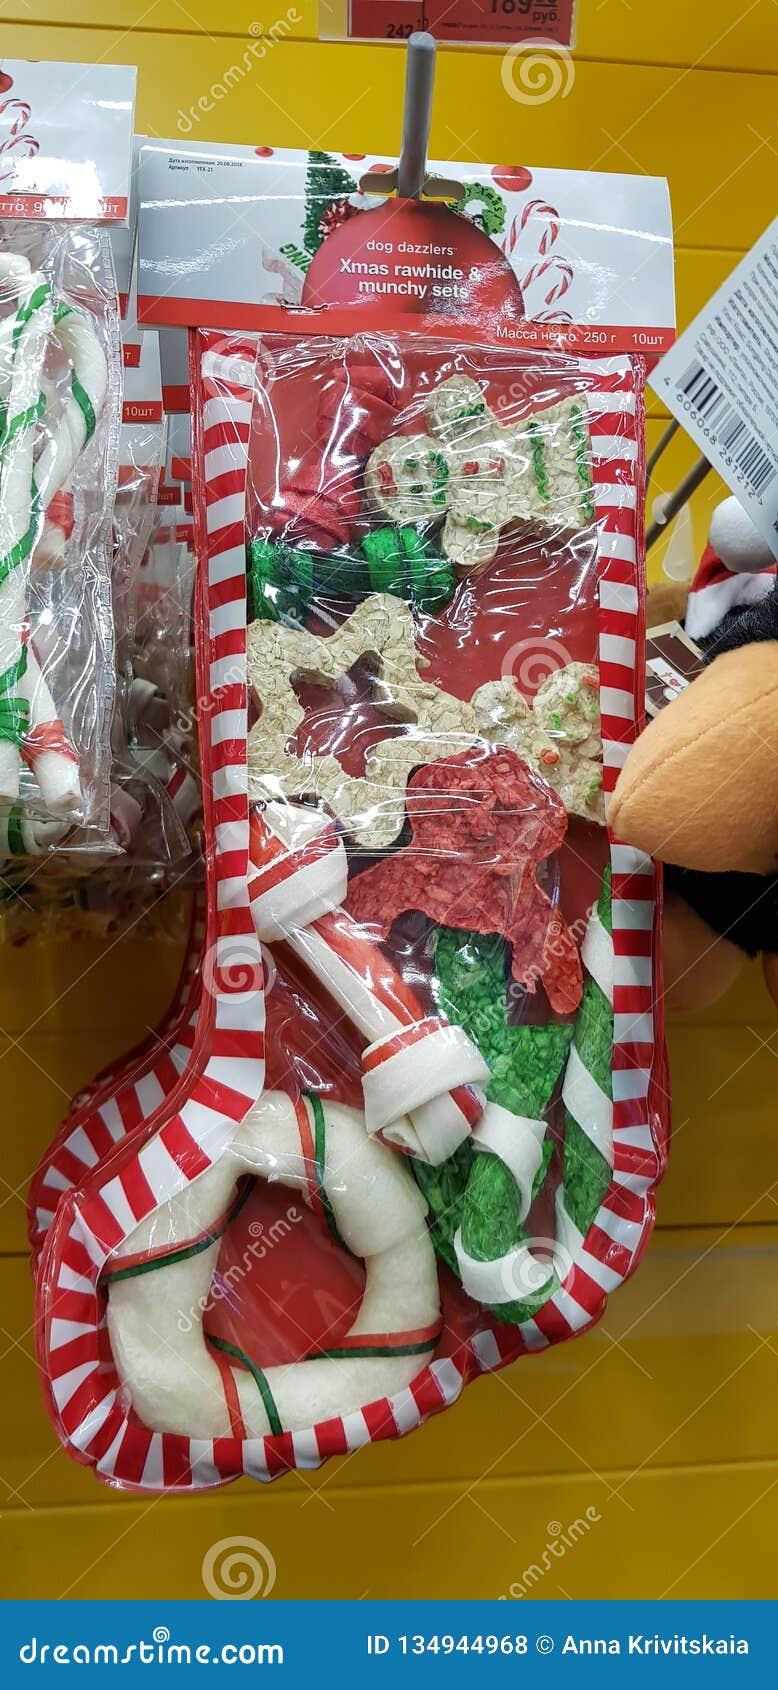 狗的圣诞礼物款待在超级市场